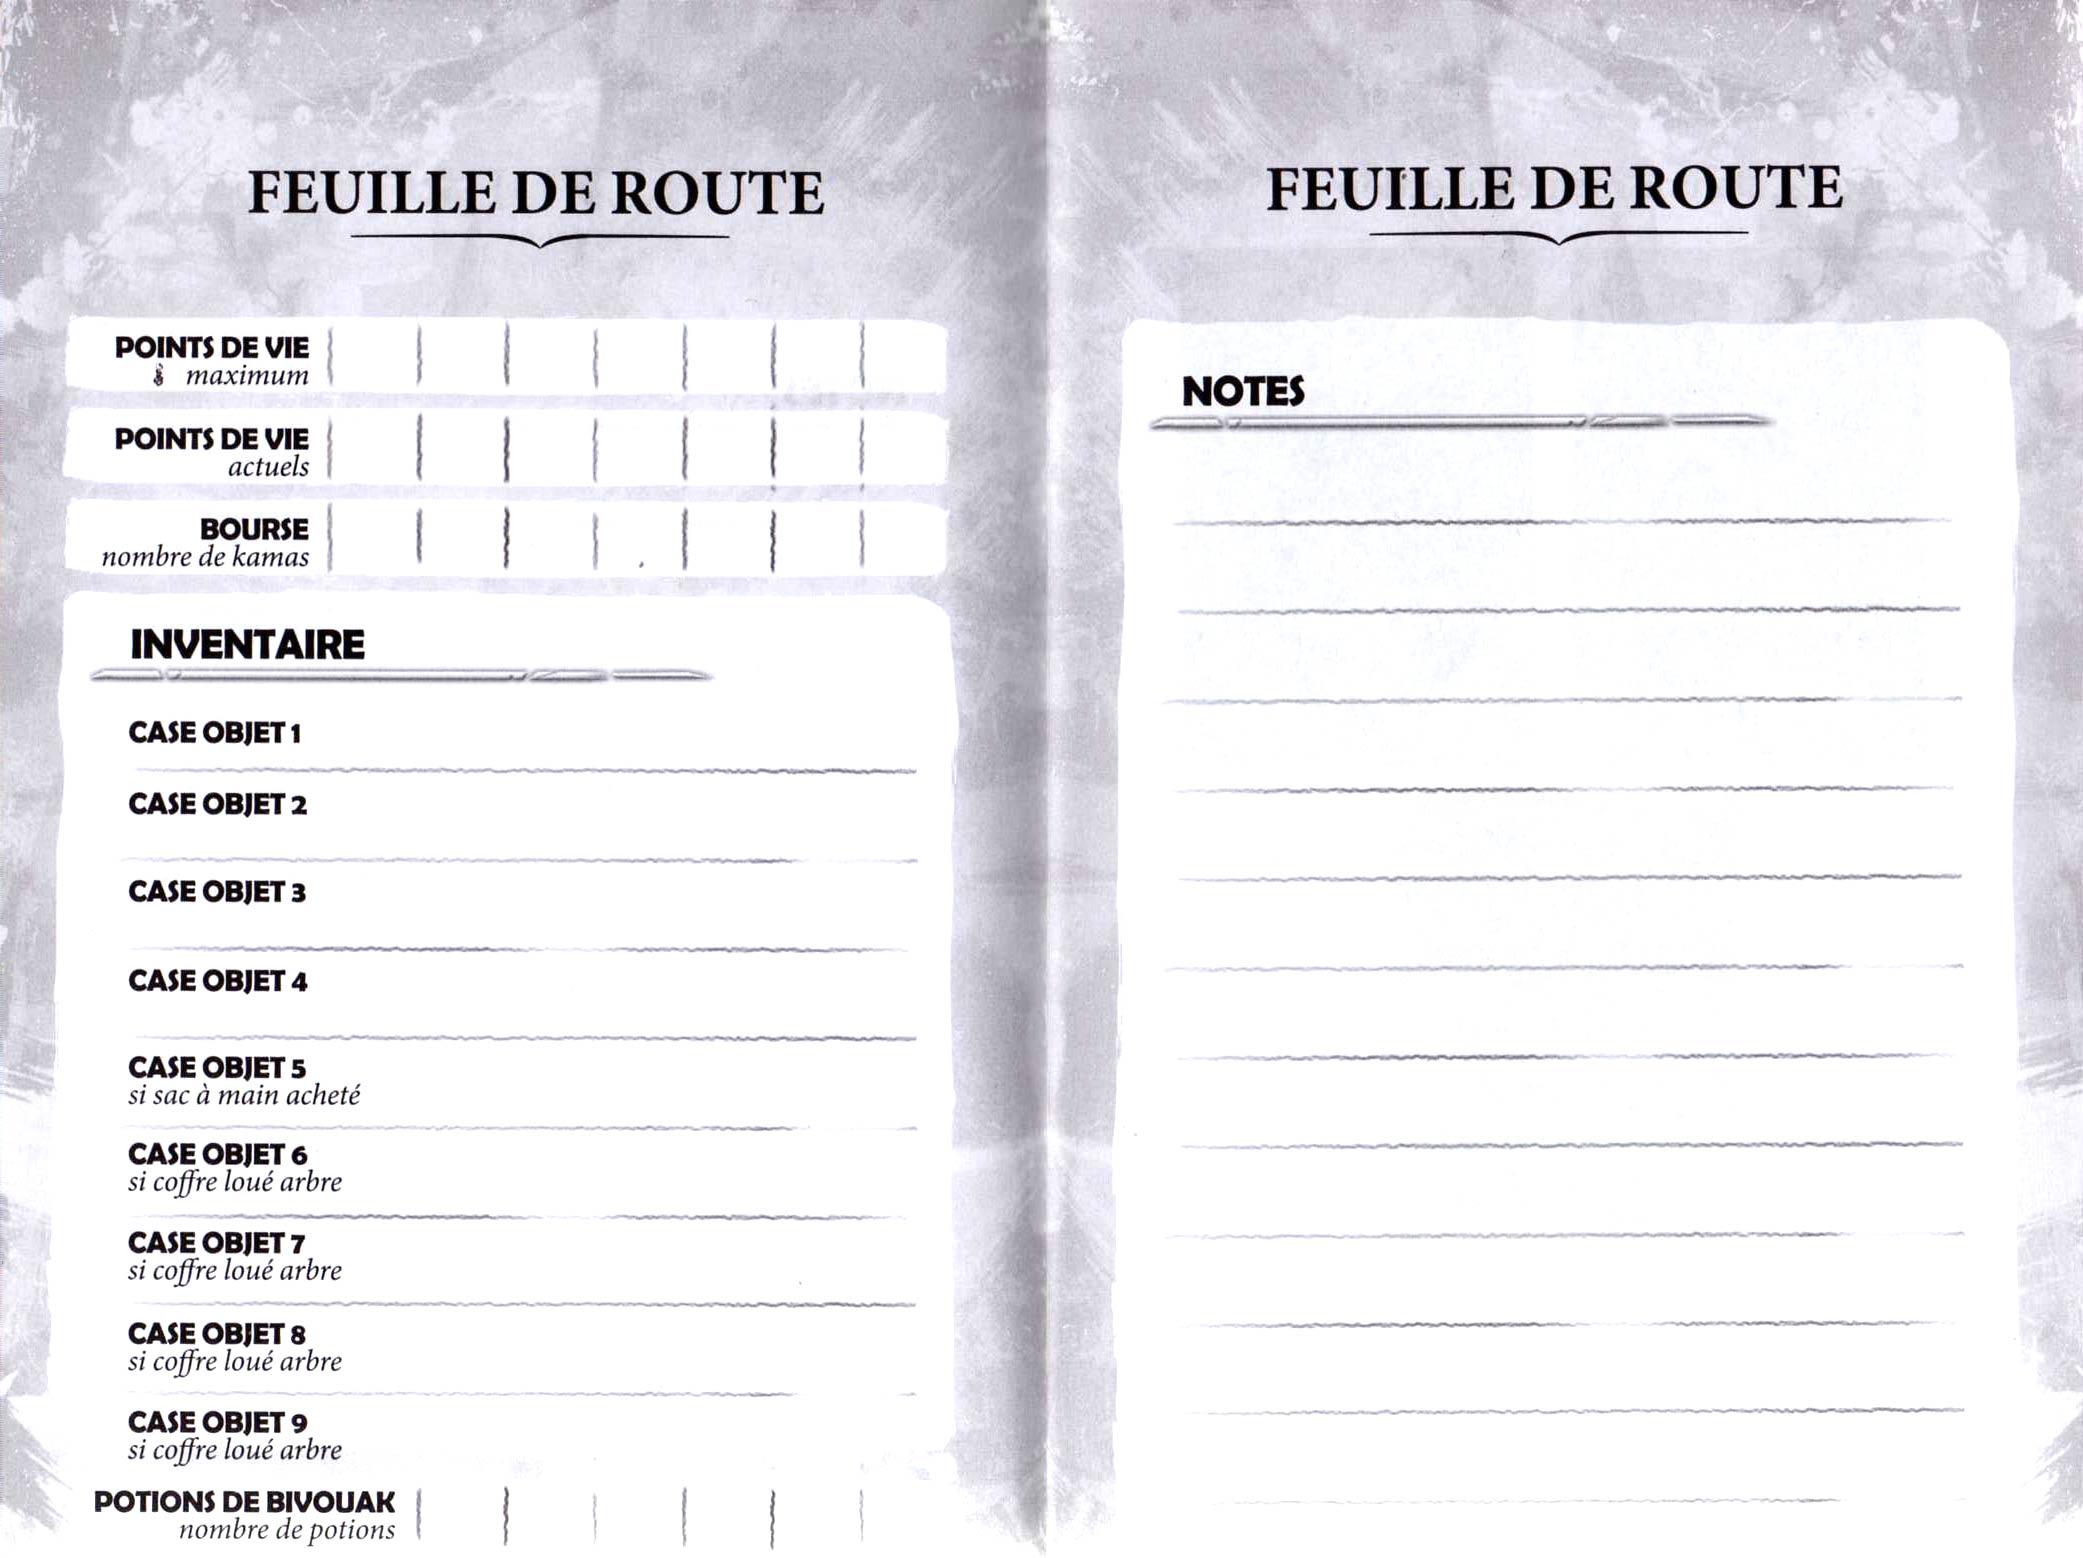 Feulle de route roman Dofus tome 4